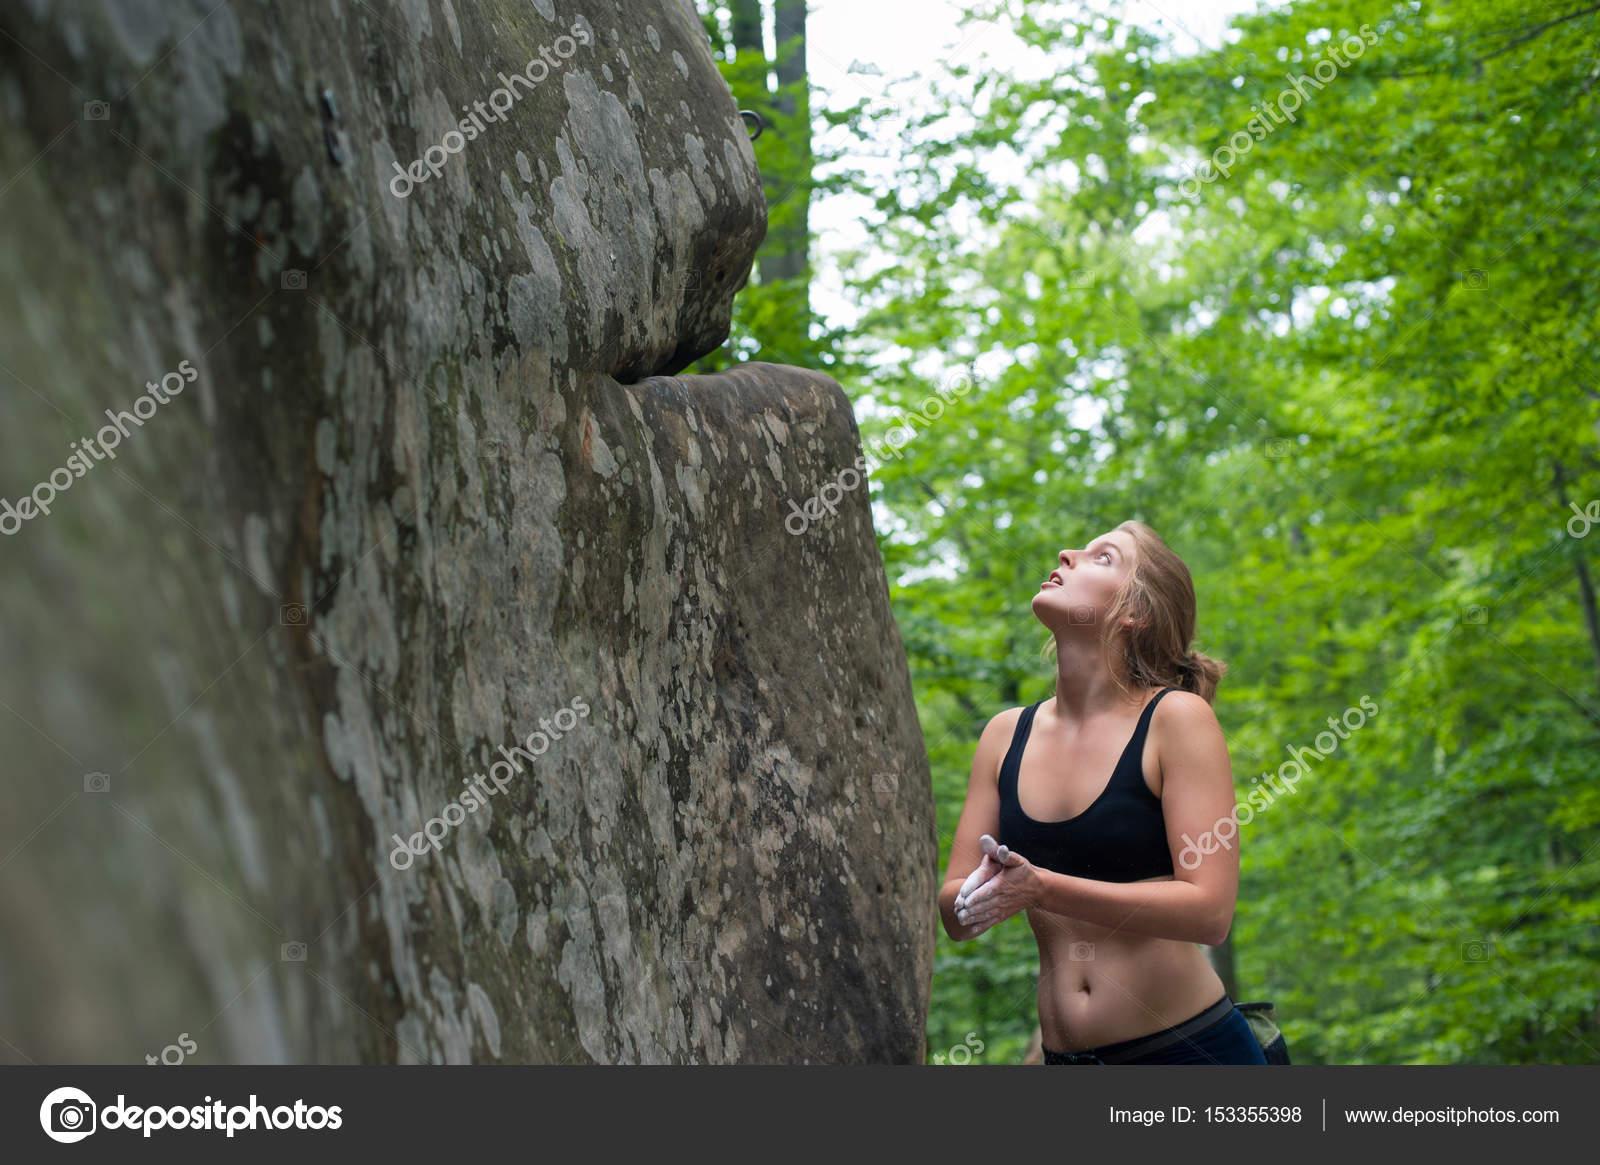 Kletterausrüstung Baum : Junge frau mit kletterausrüstung vor einem stein u2014 stockfoto